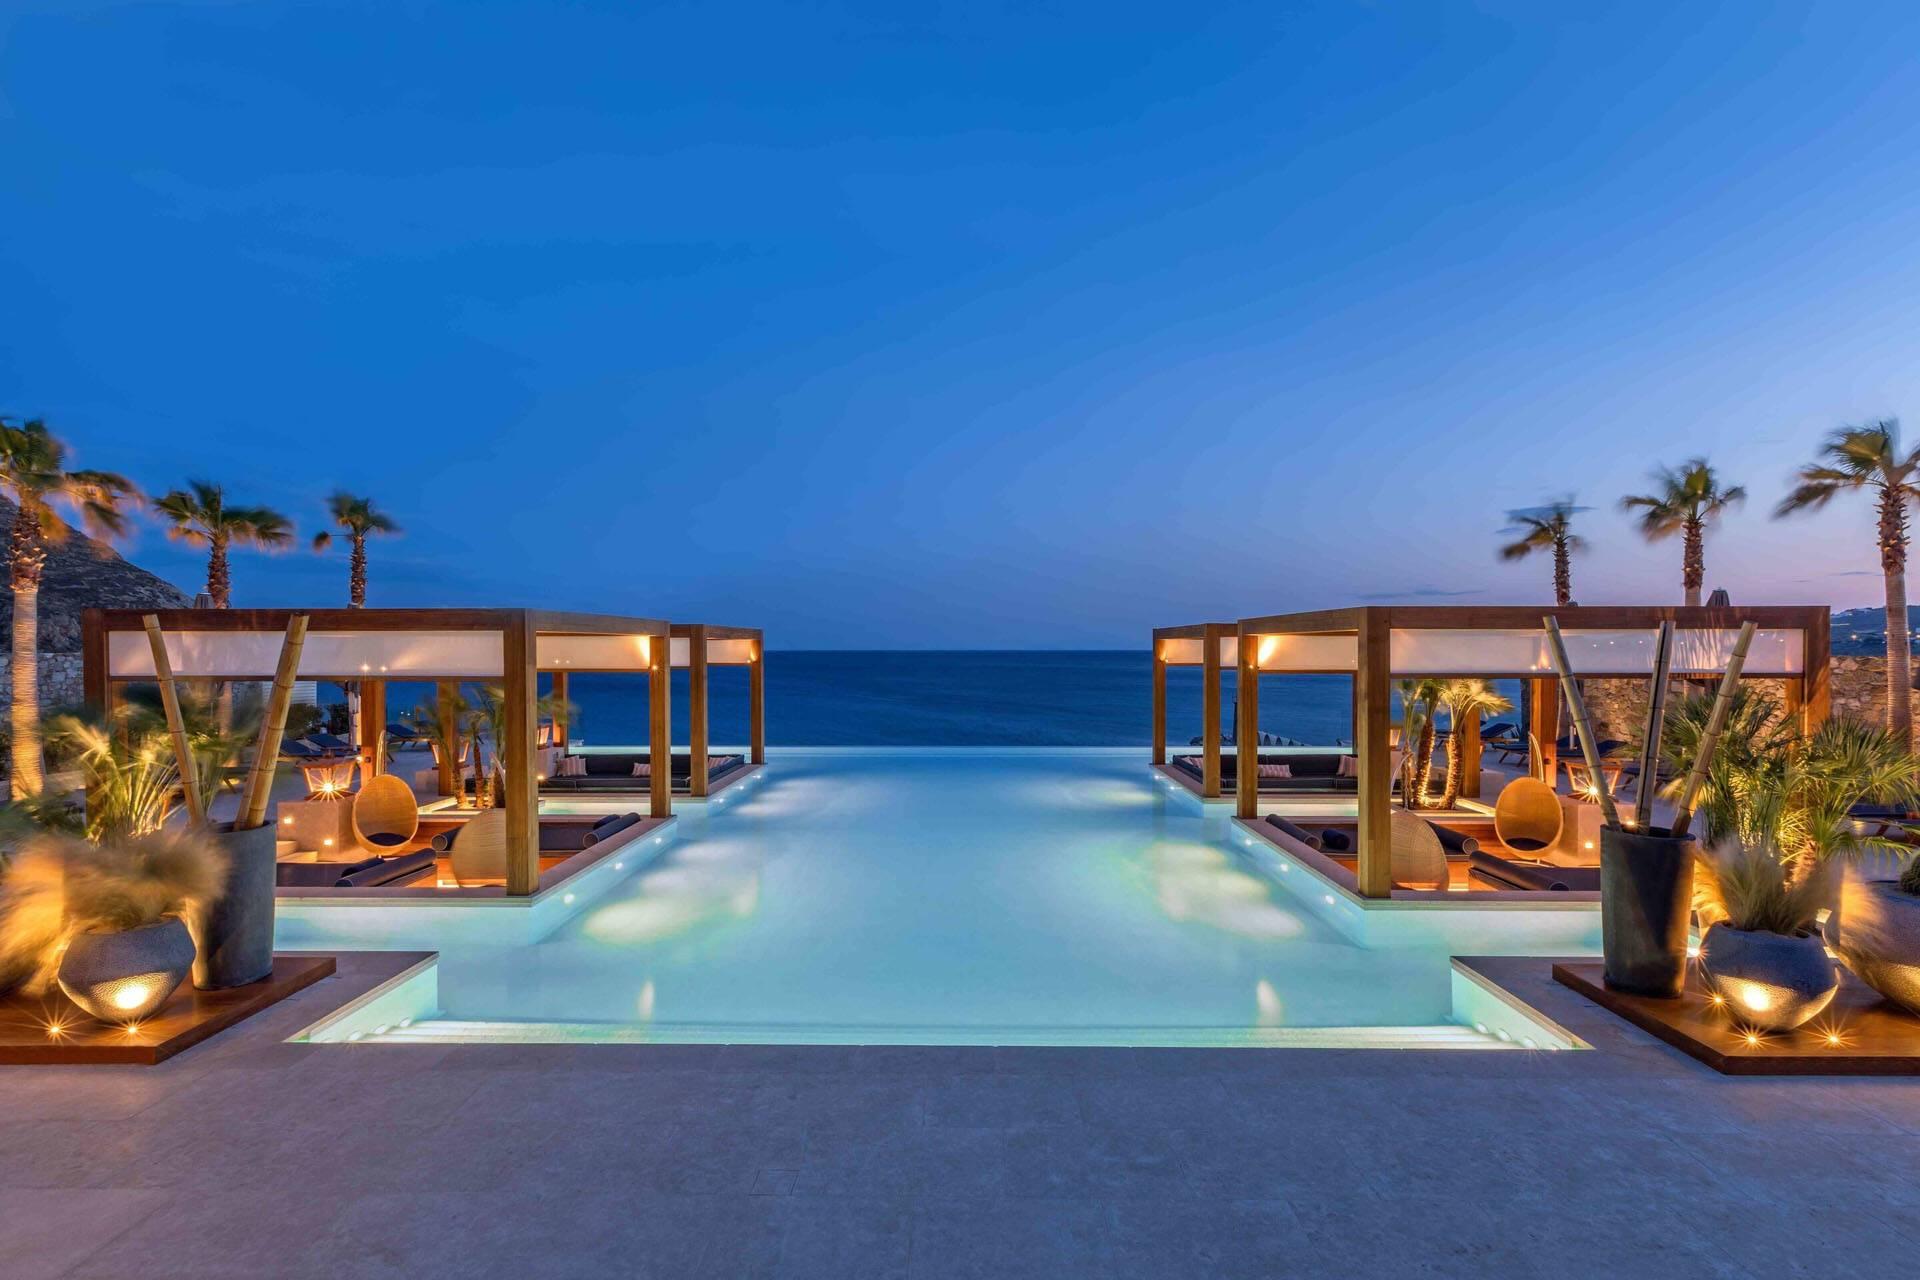 Santa Marina Mykonos oasis pool